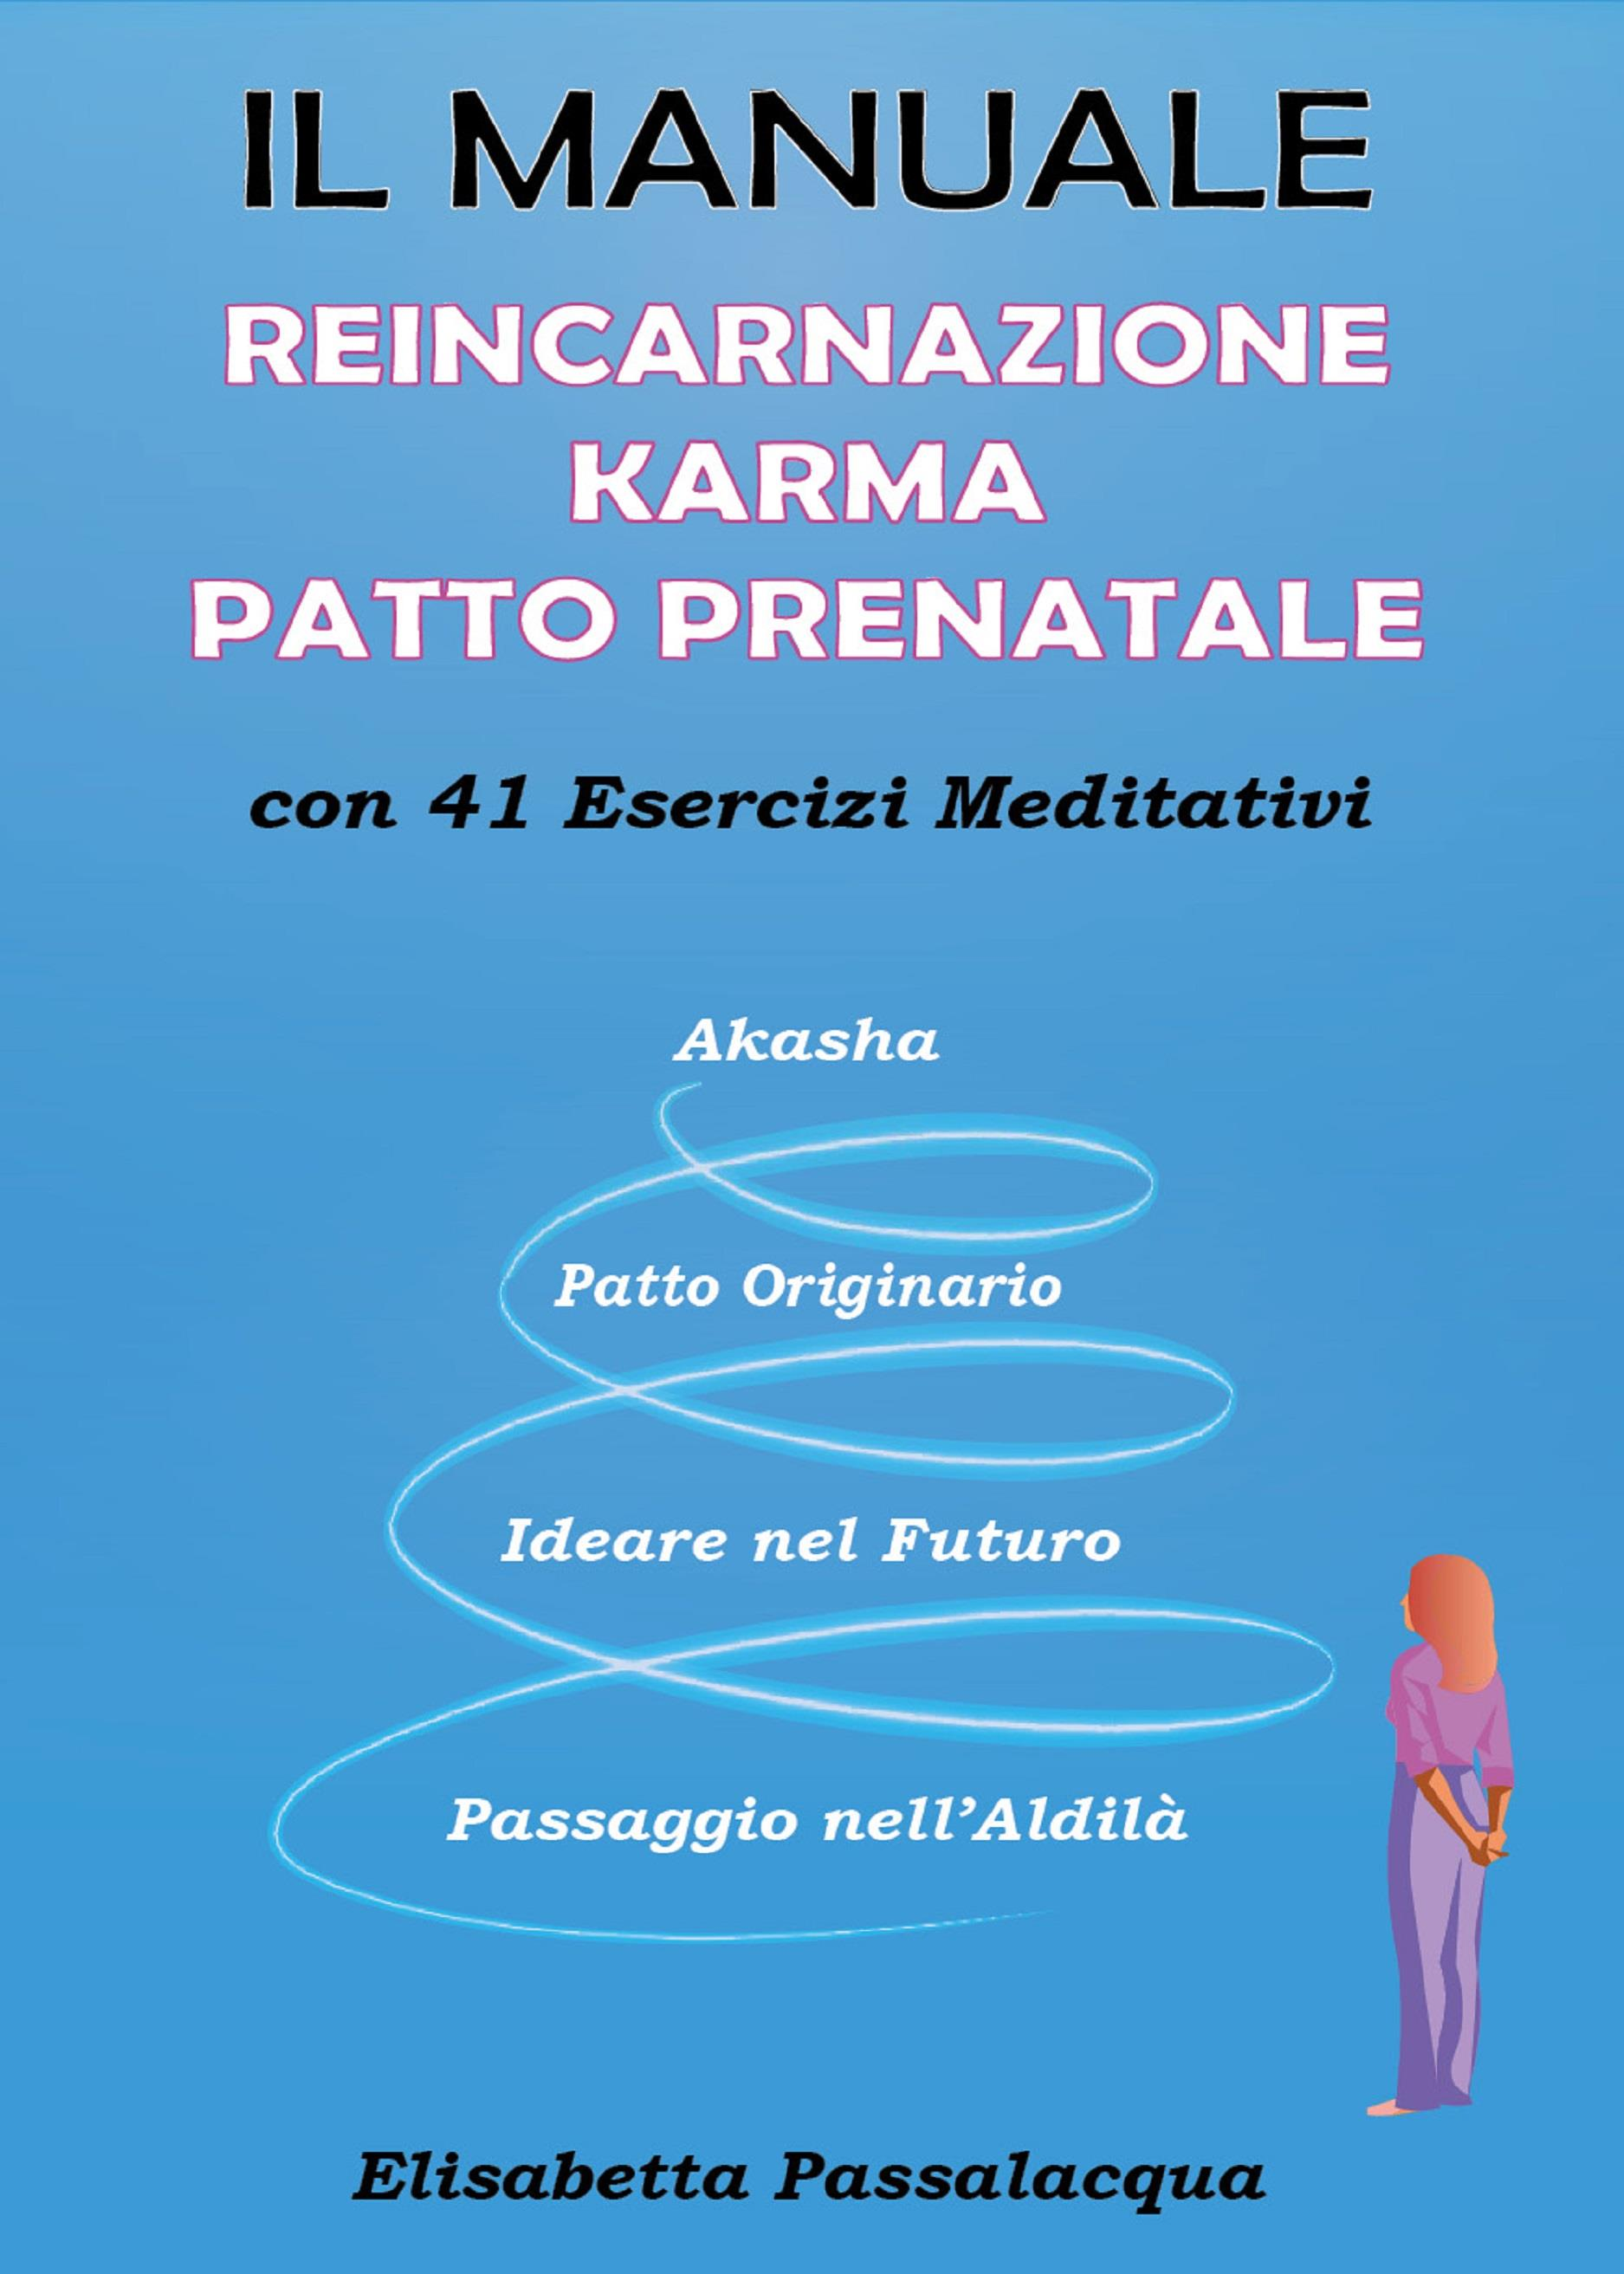 Manuale Reincarnazione Karma Patto Prenatale